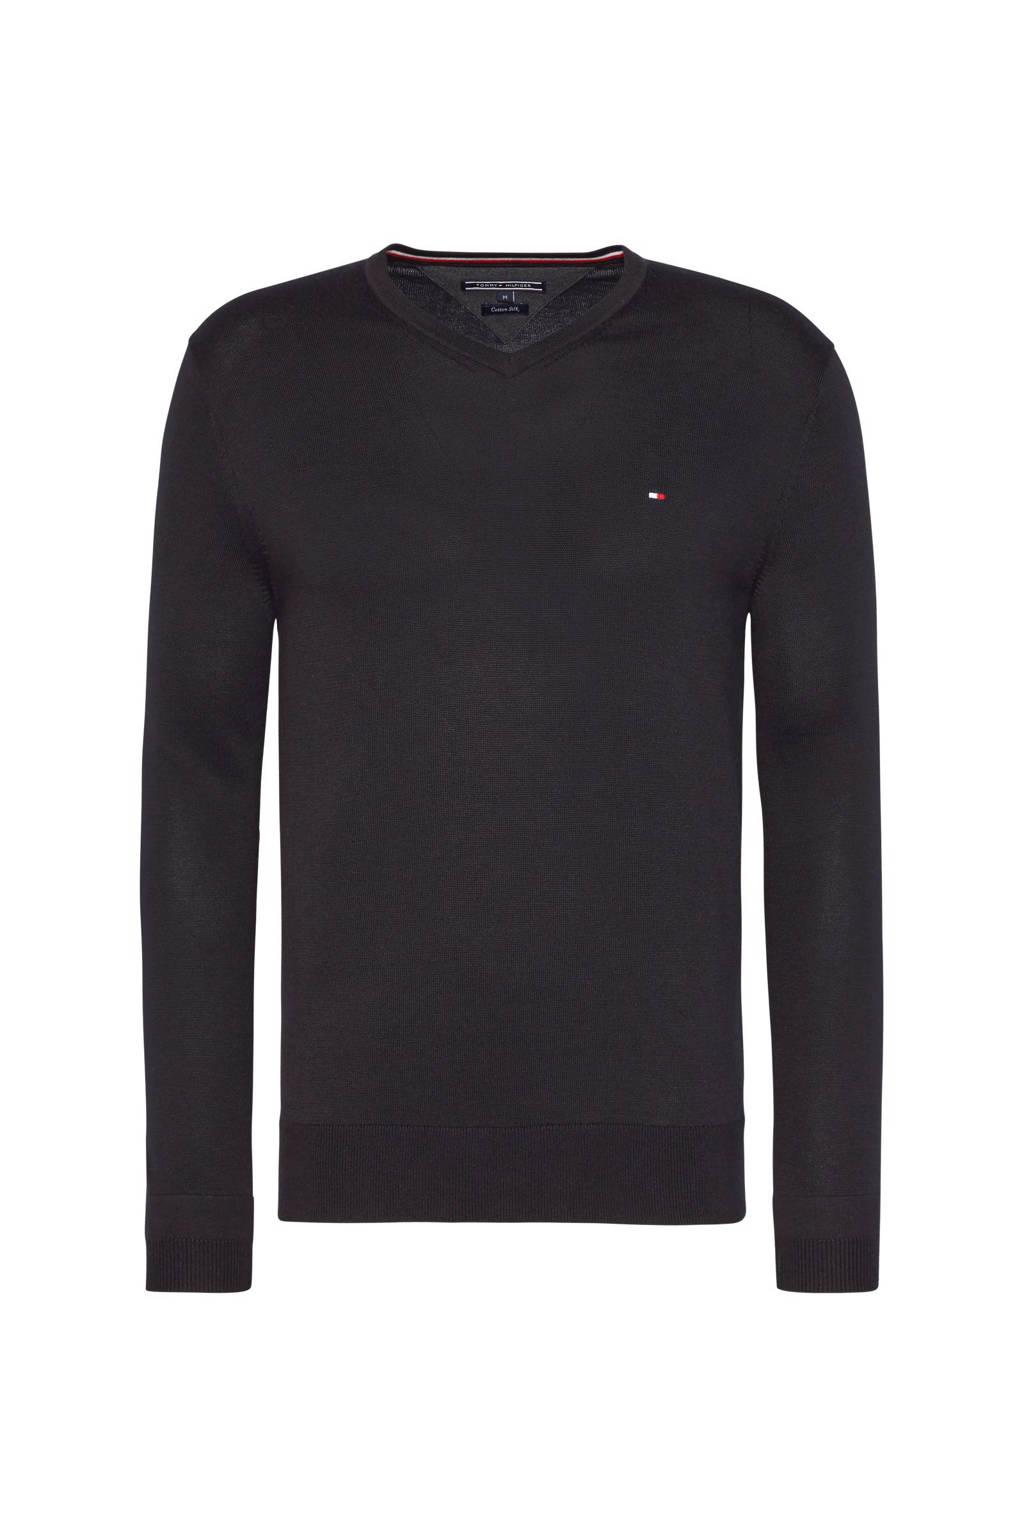 Tommy Hilfiger trui, Zwart